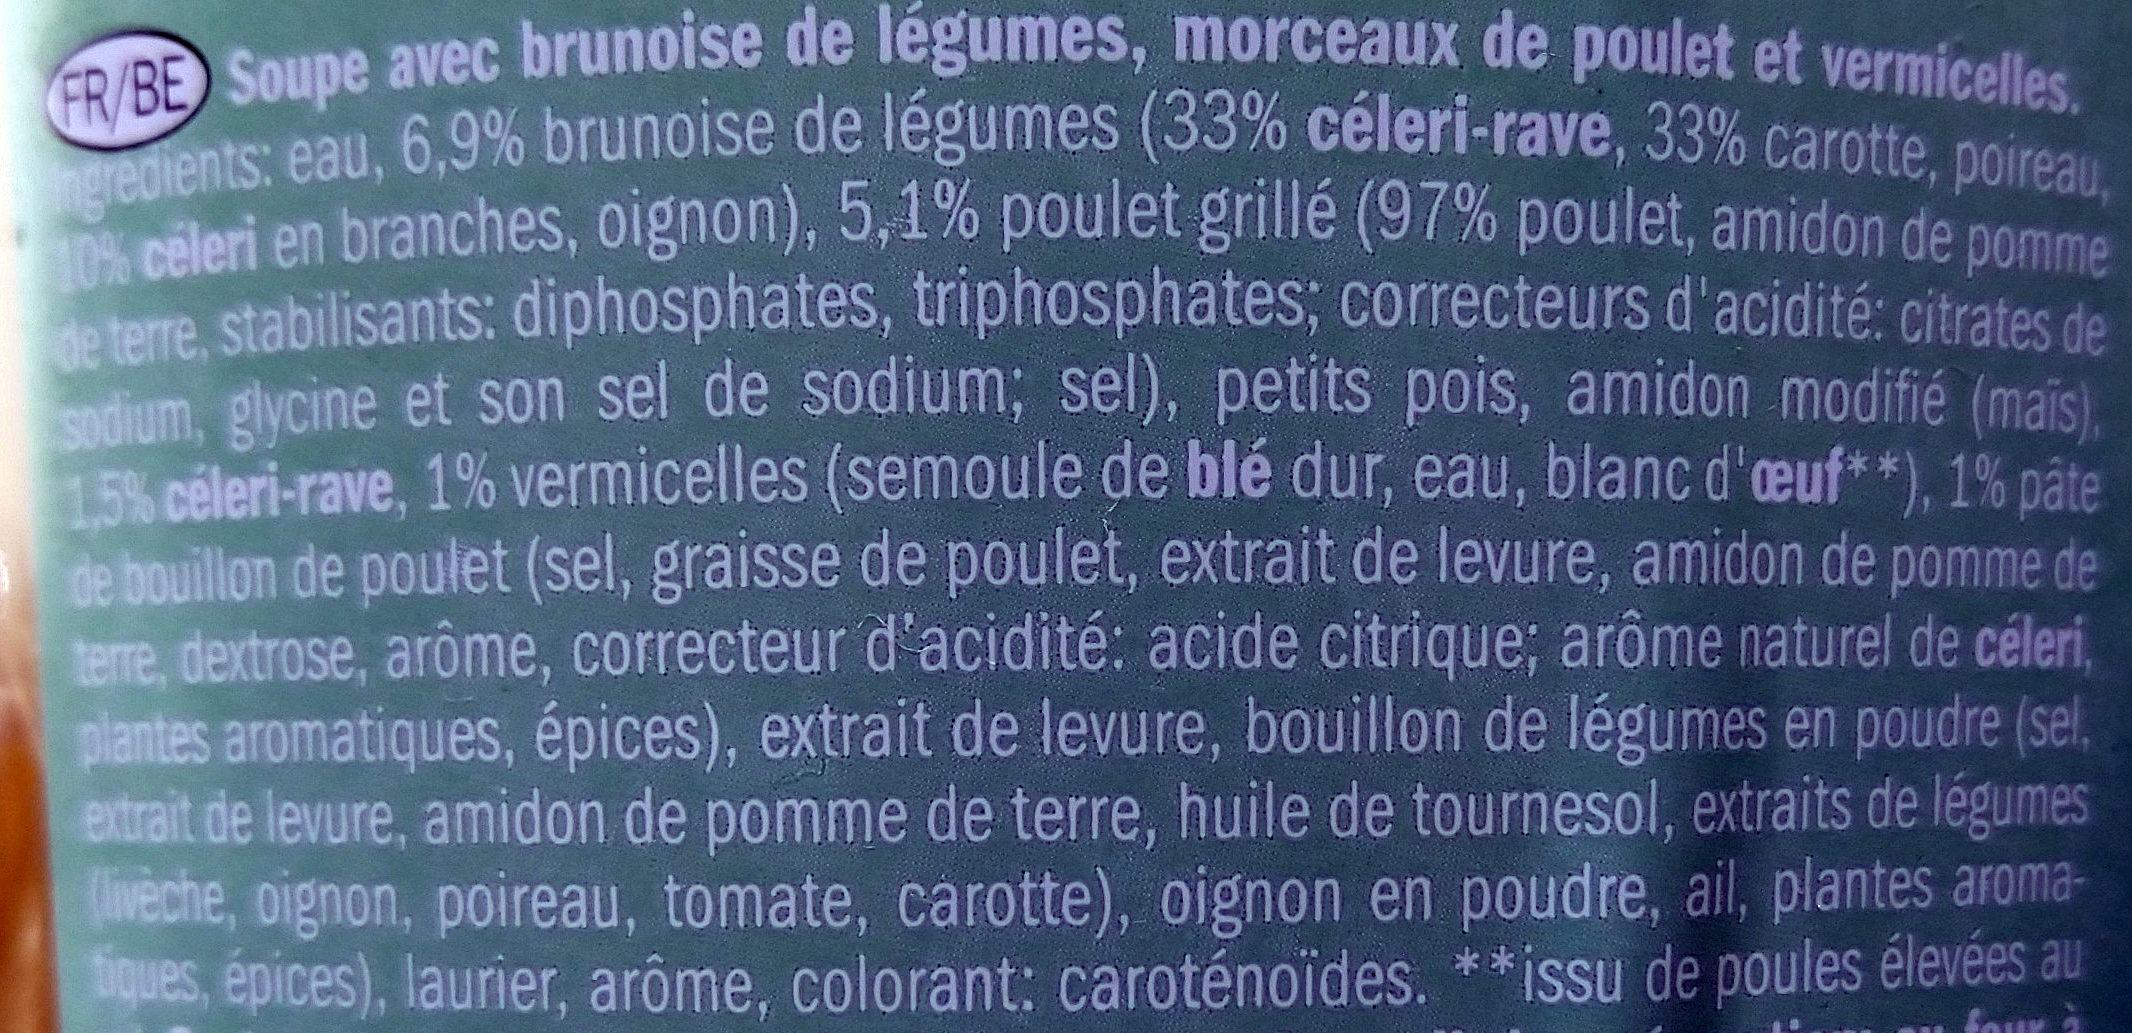 Soupe au poulet - Ingrediënten - fr